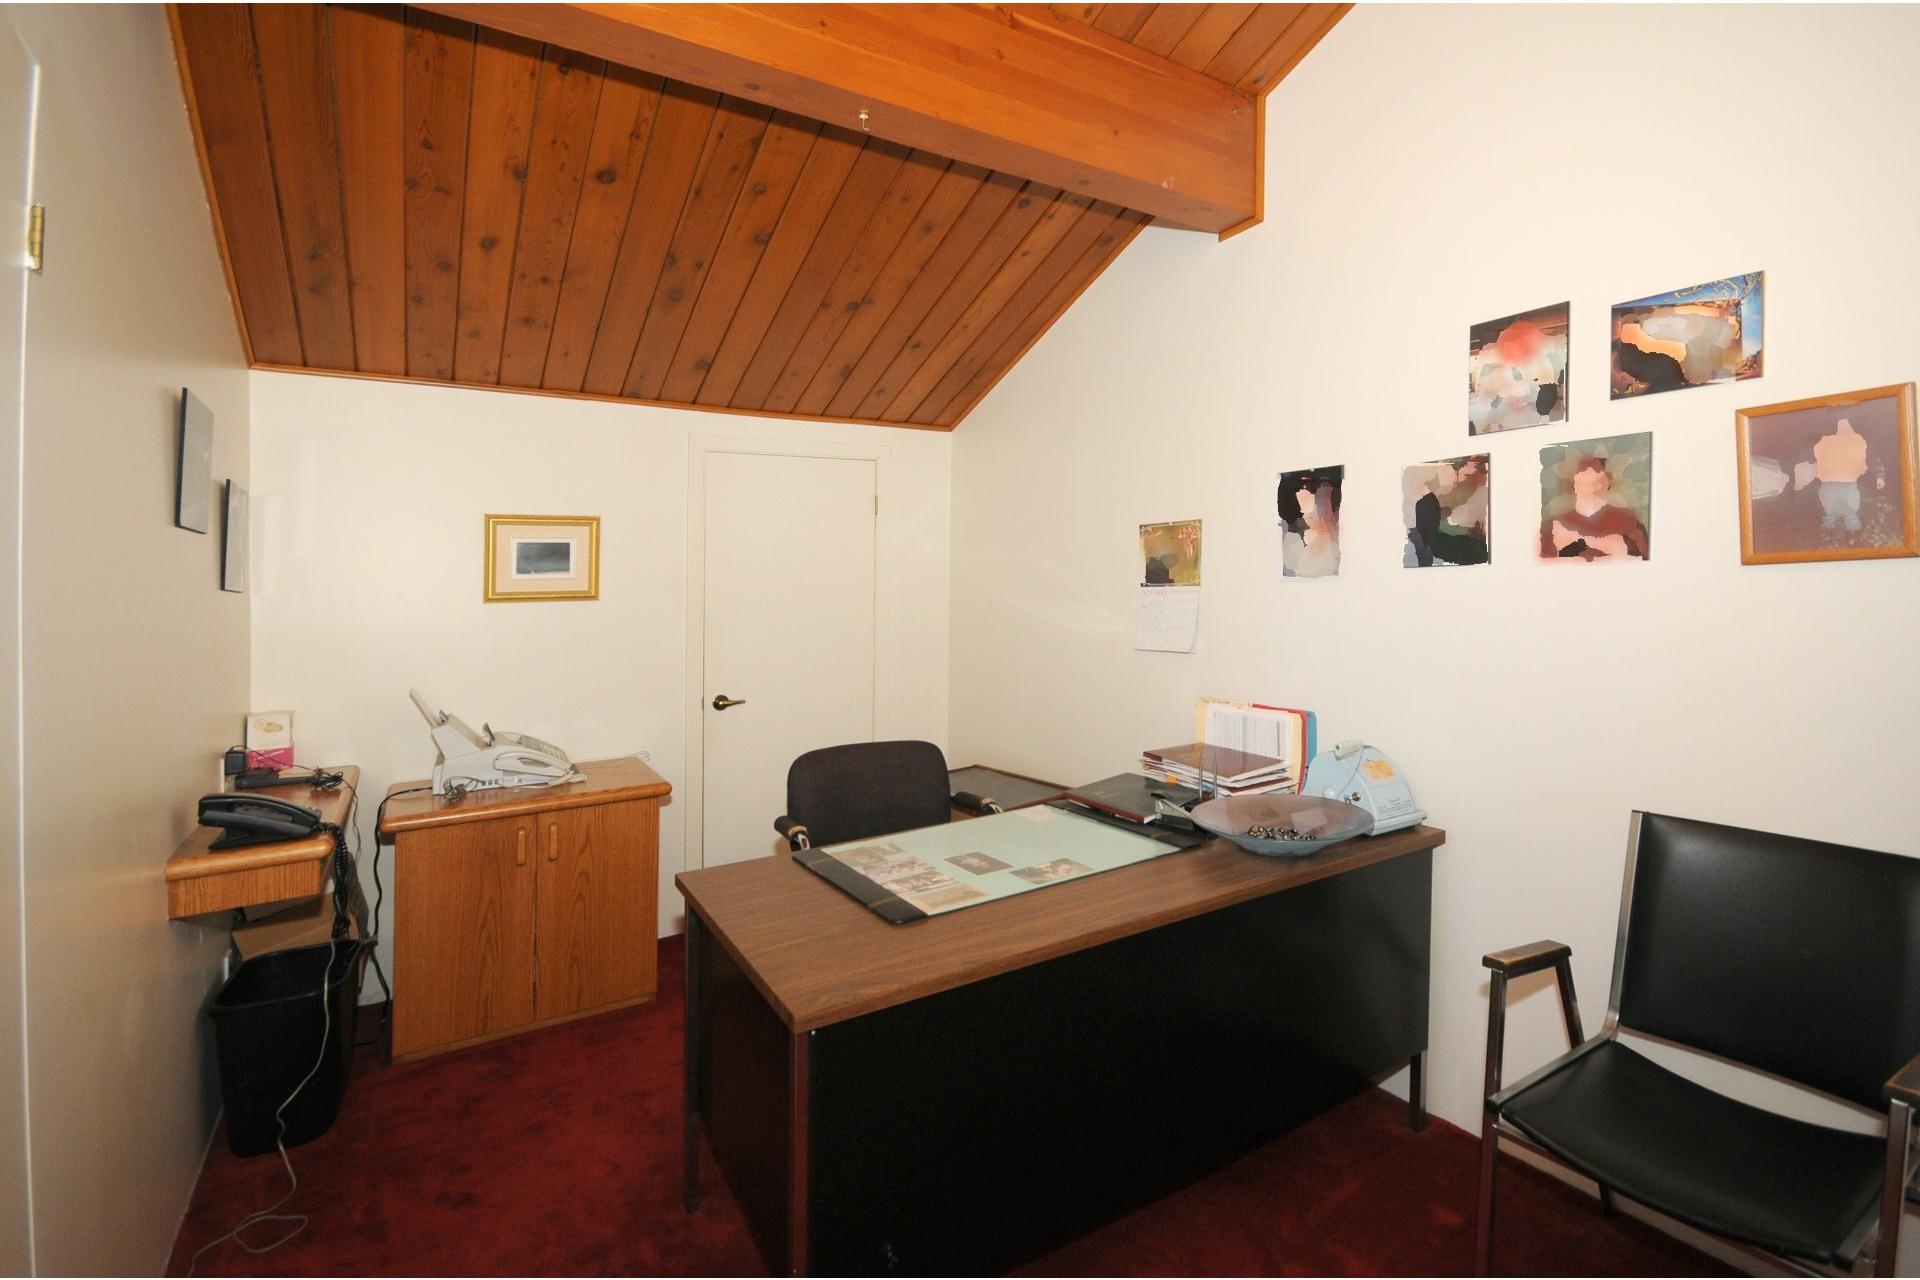 image 14 - Maison À vendre Saint-Ambroise-de-Kildare - 10 pièces